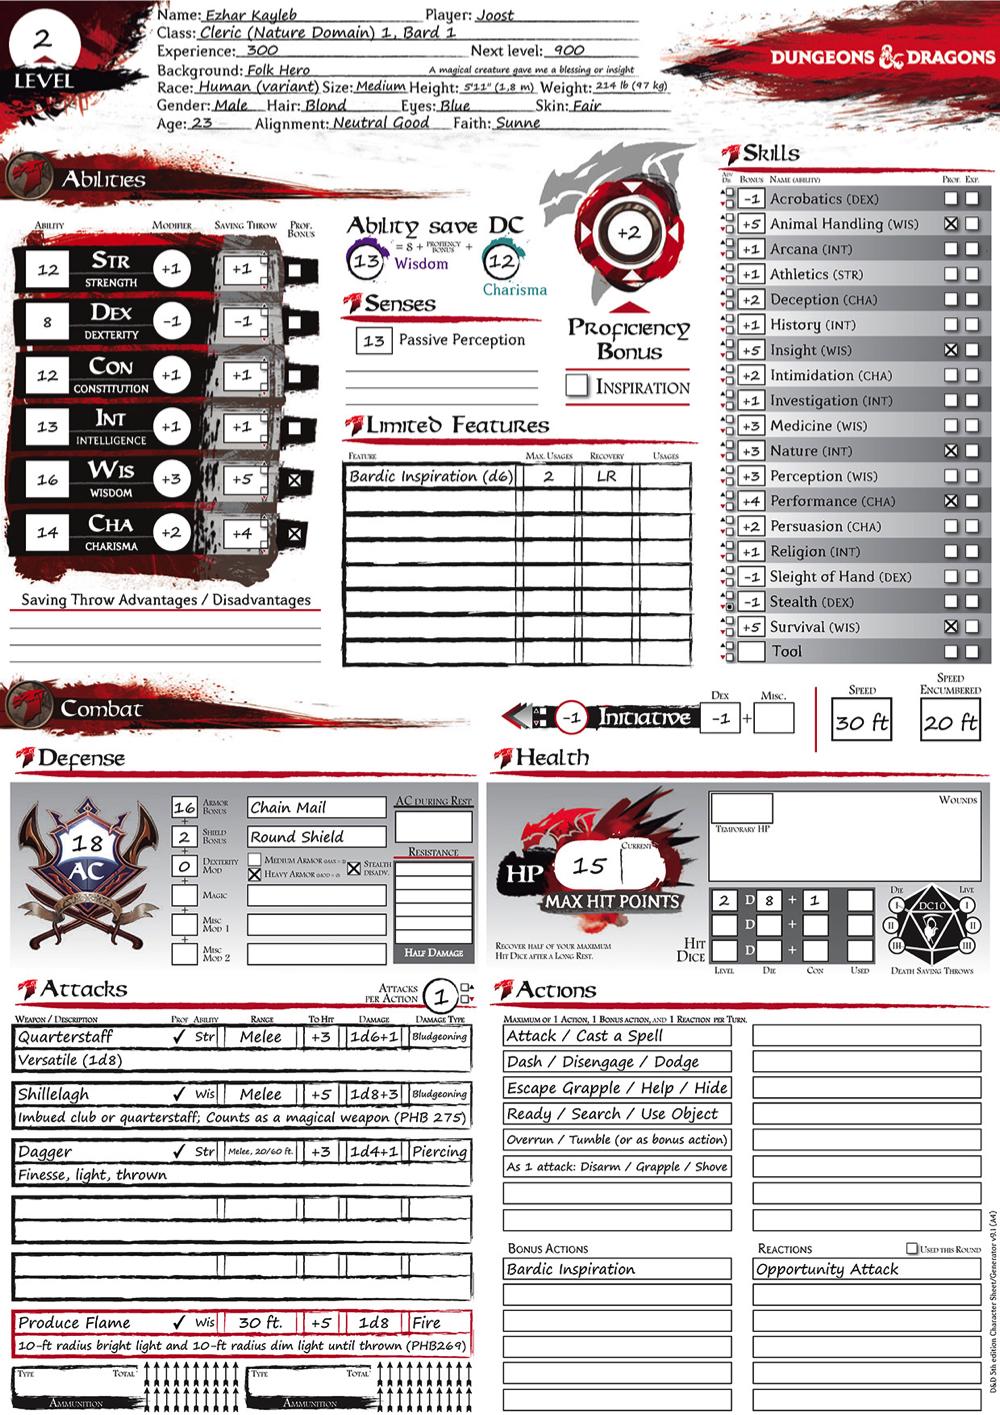 215 D&D 5E Character Sheets!